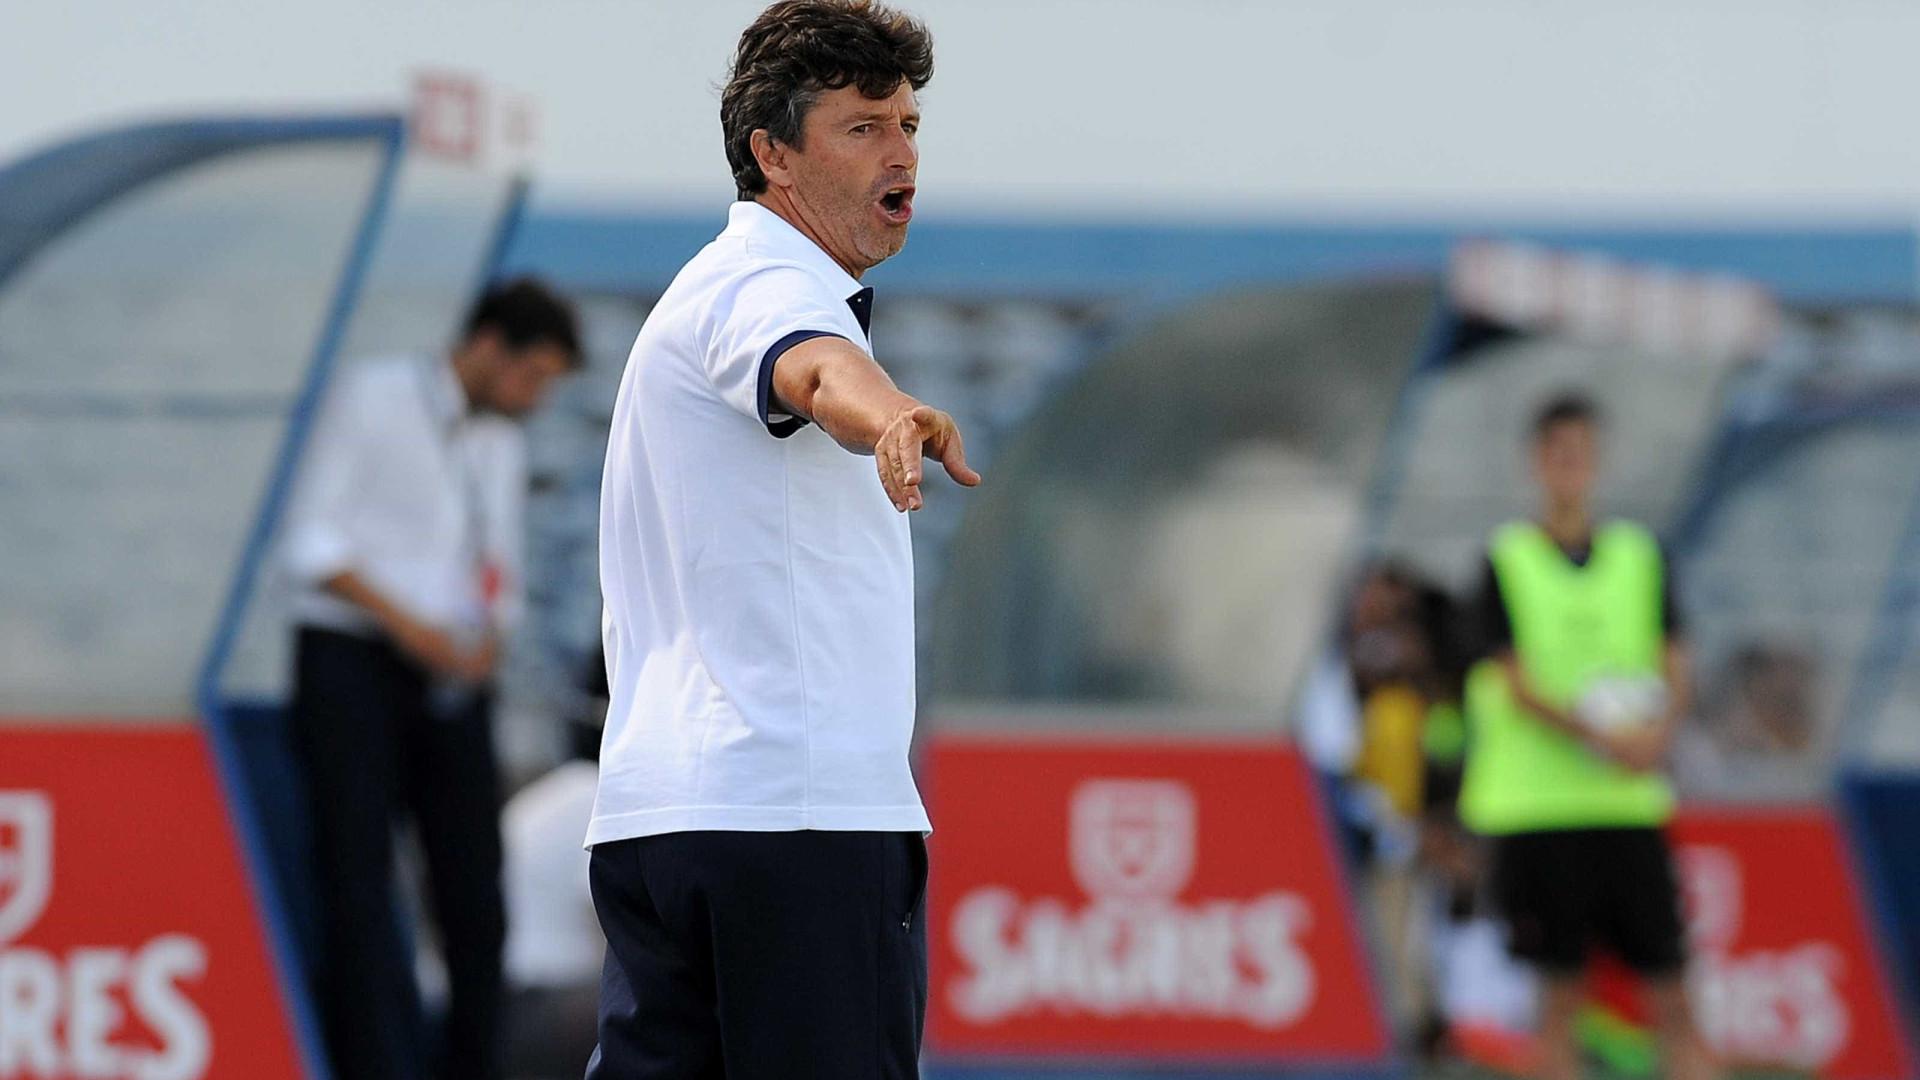 Belenenses bate Marítimo e soma primeira vitória na I Liga